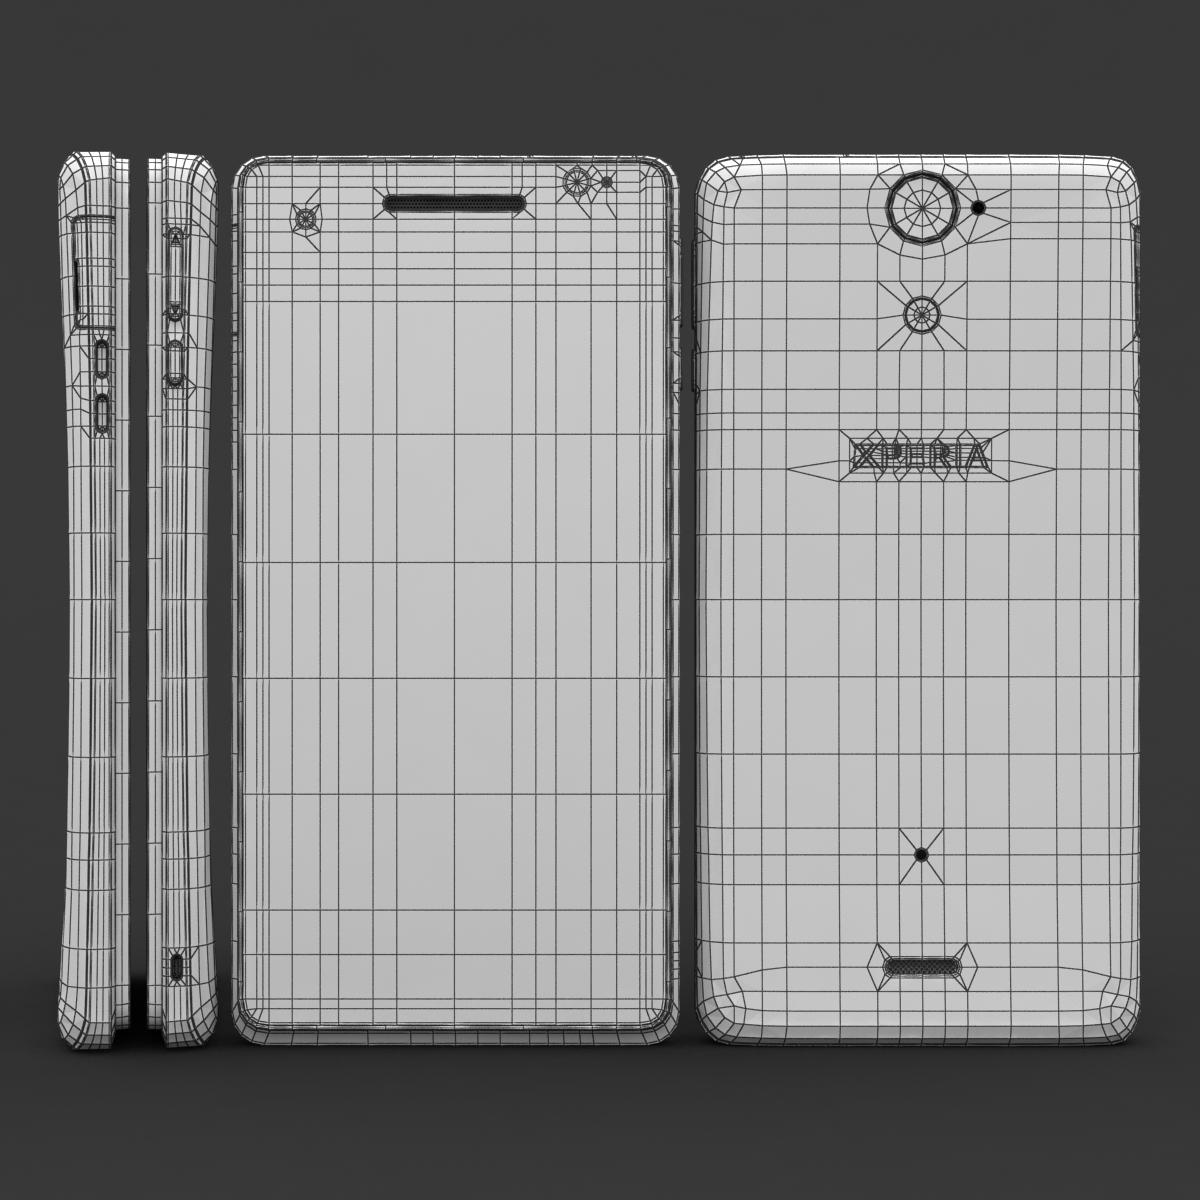 sony xperia v 3d model 3ds max fbx c4d lwo obj 151205